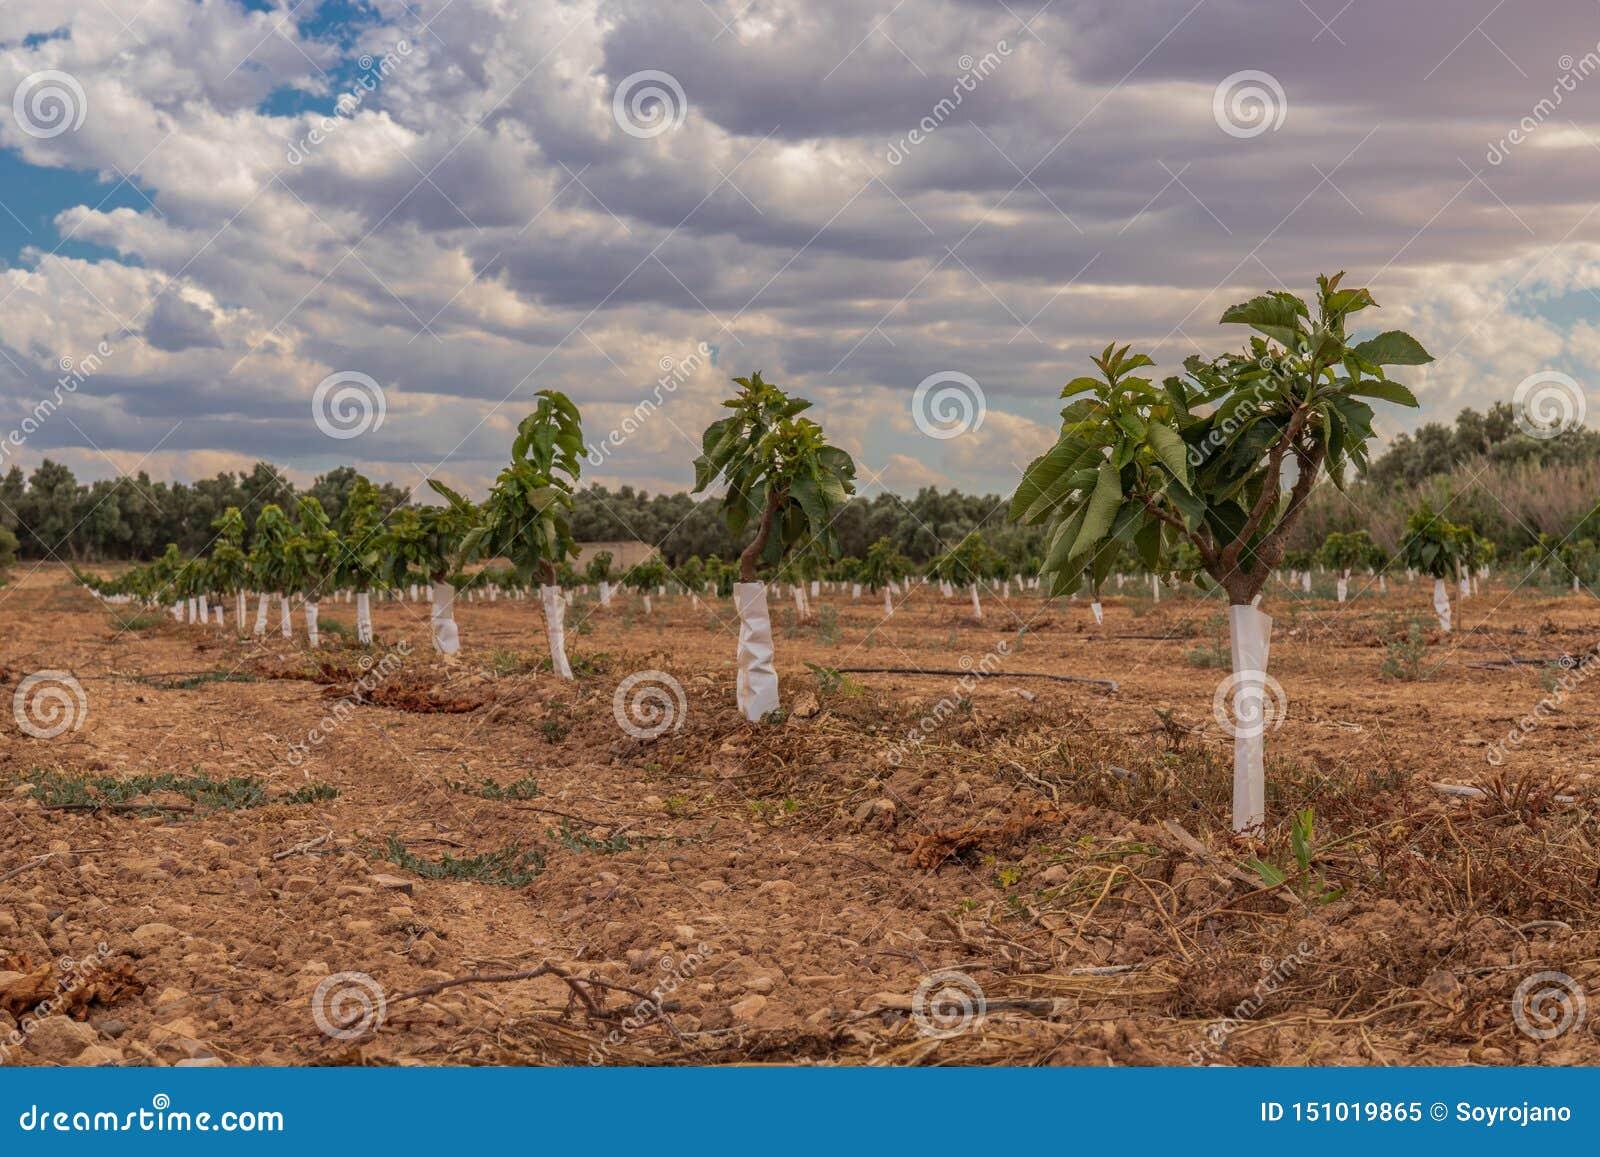 Umfangreiche Landwirtschaft der kleinen Bäume der Kirschplantage